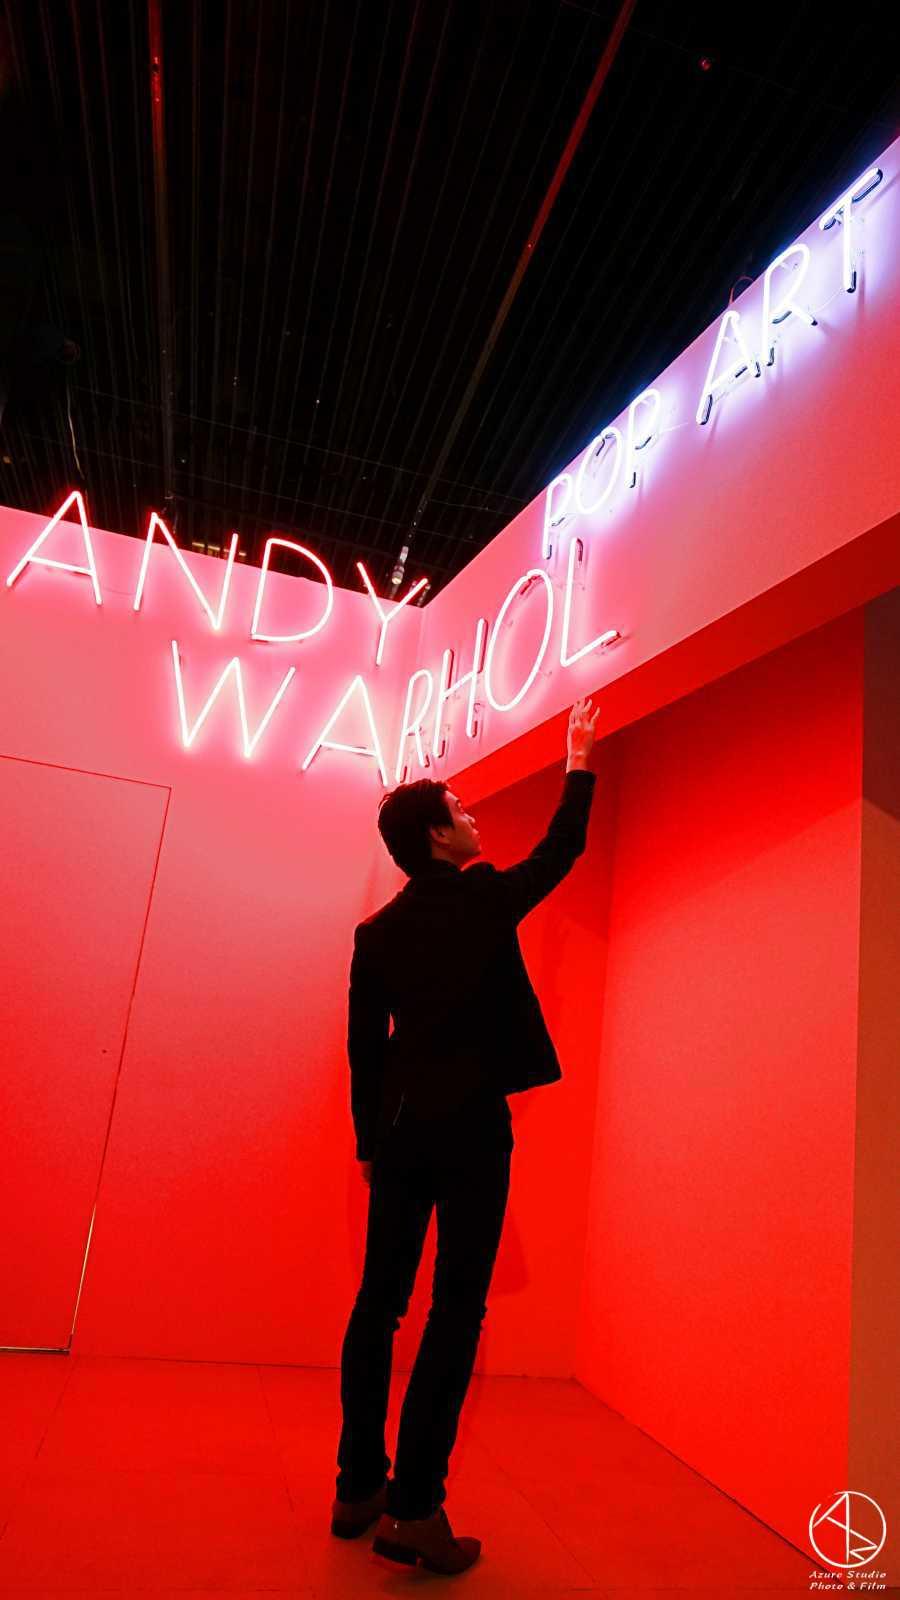 安迪沃荷普普狂想特展,看展心得,必看重點,網美拍照點,Azure 許政淳